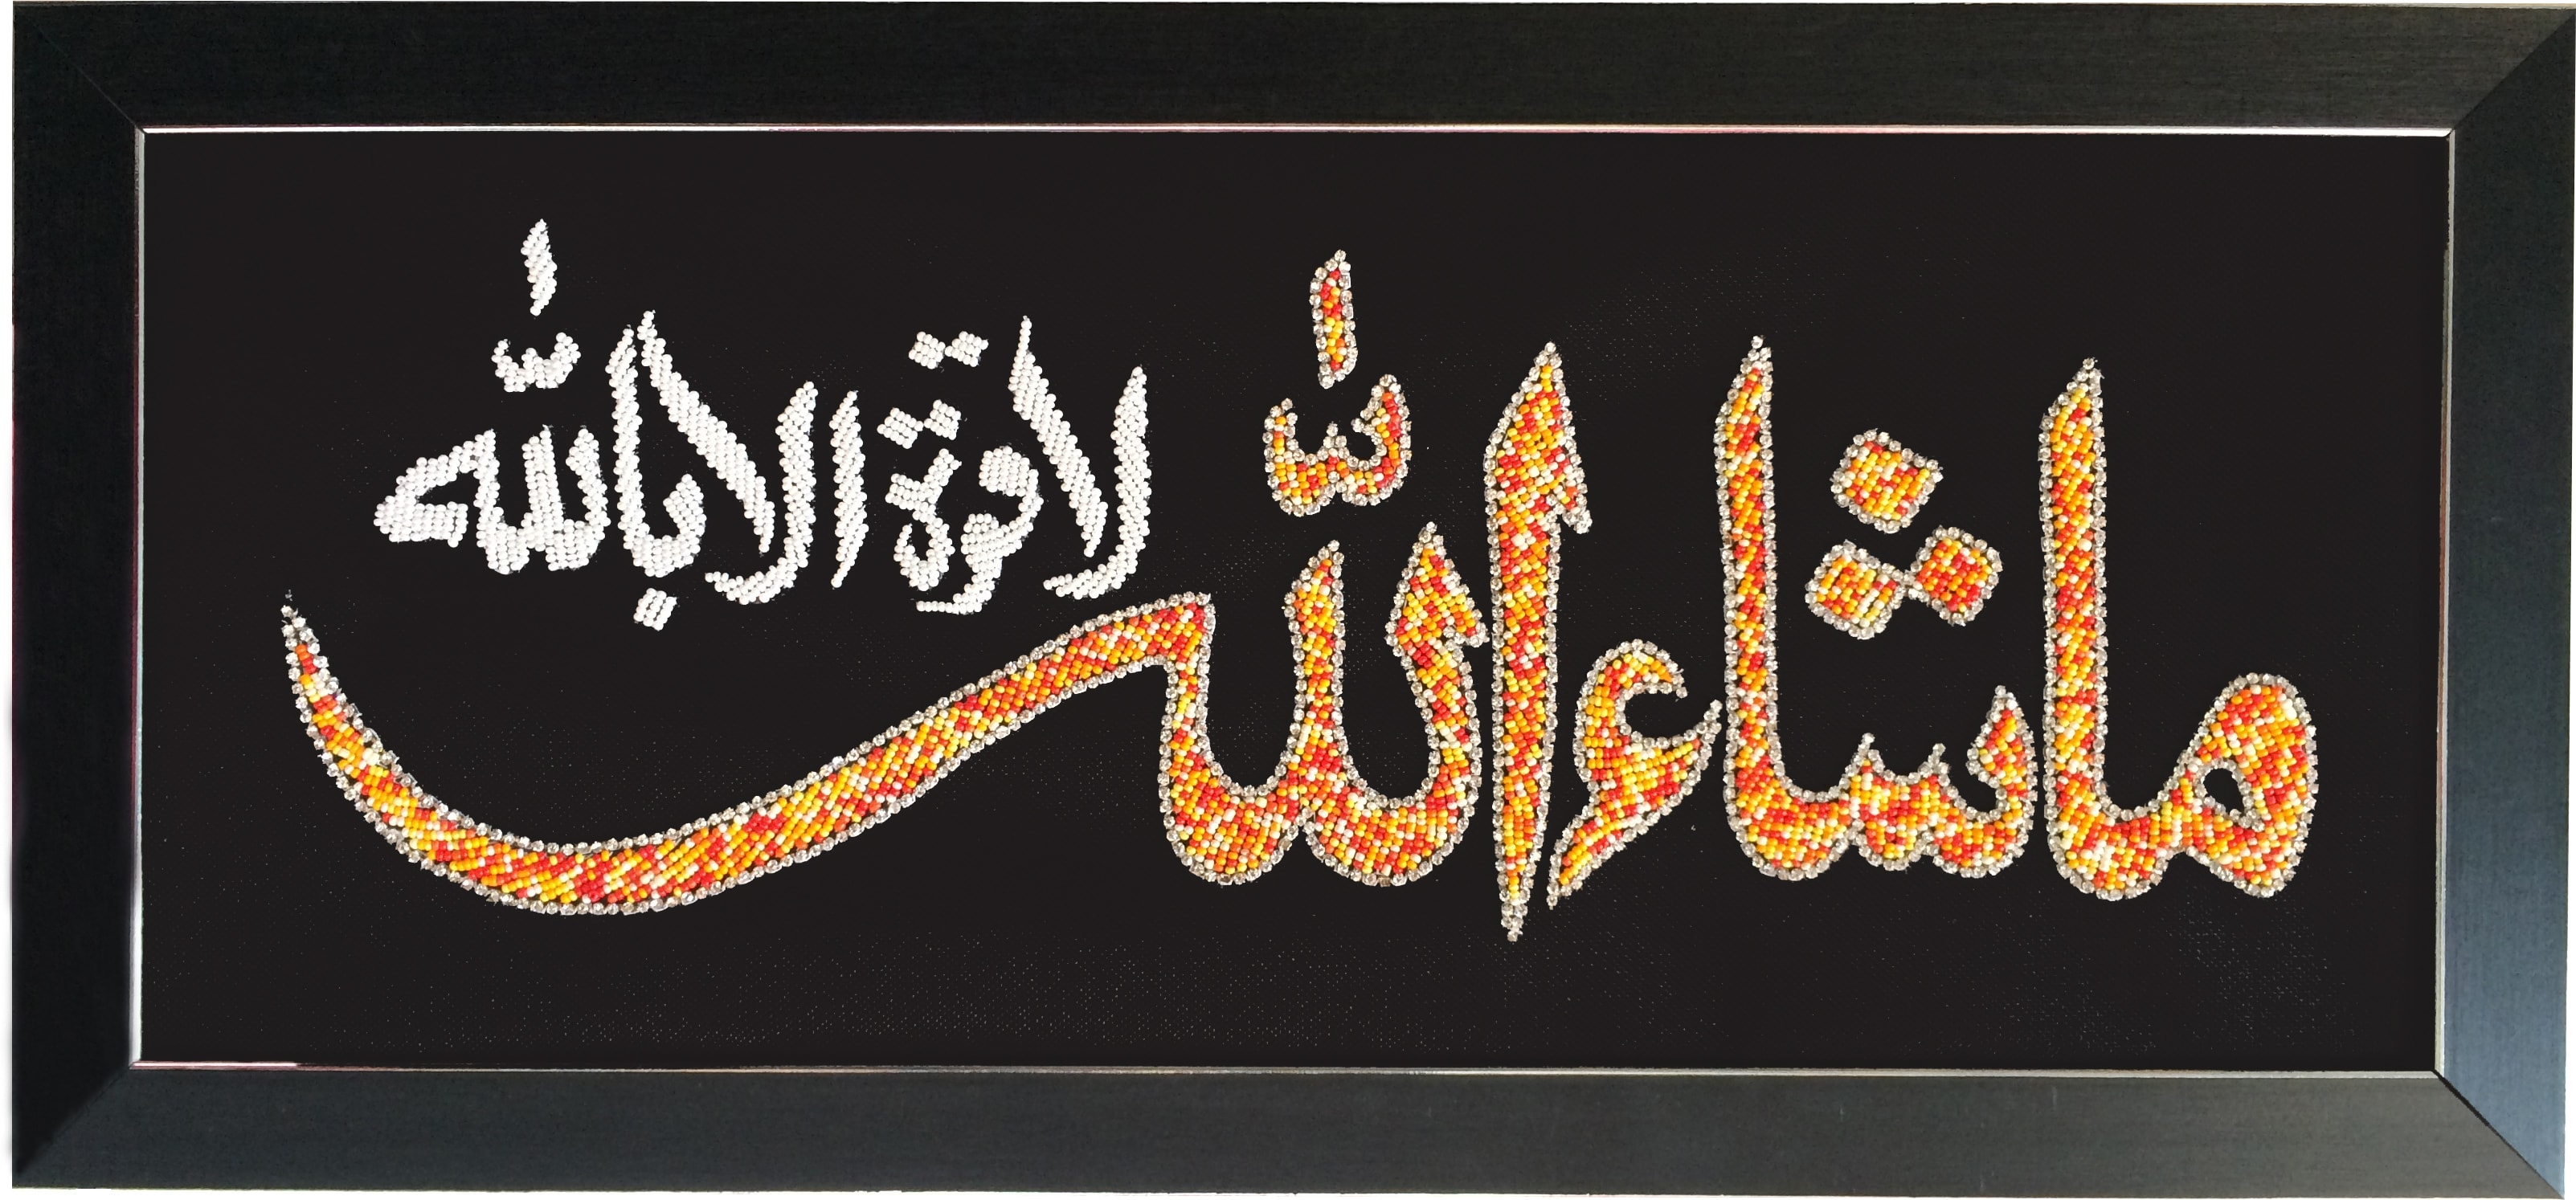 Islamic Calligraphy On Fabric Masha Allah Islamic Book